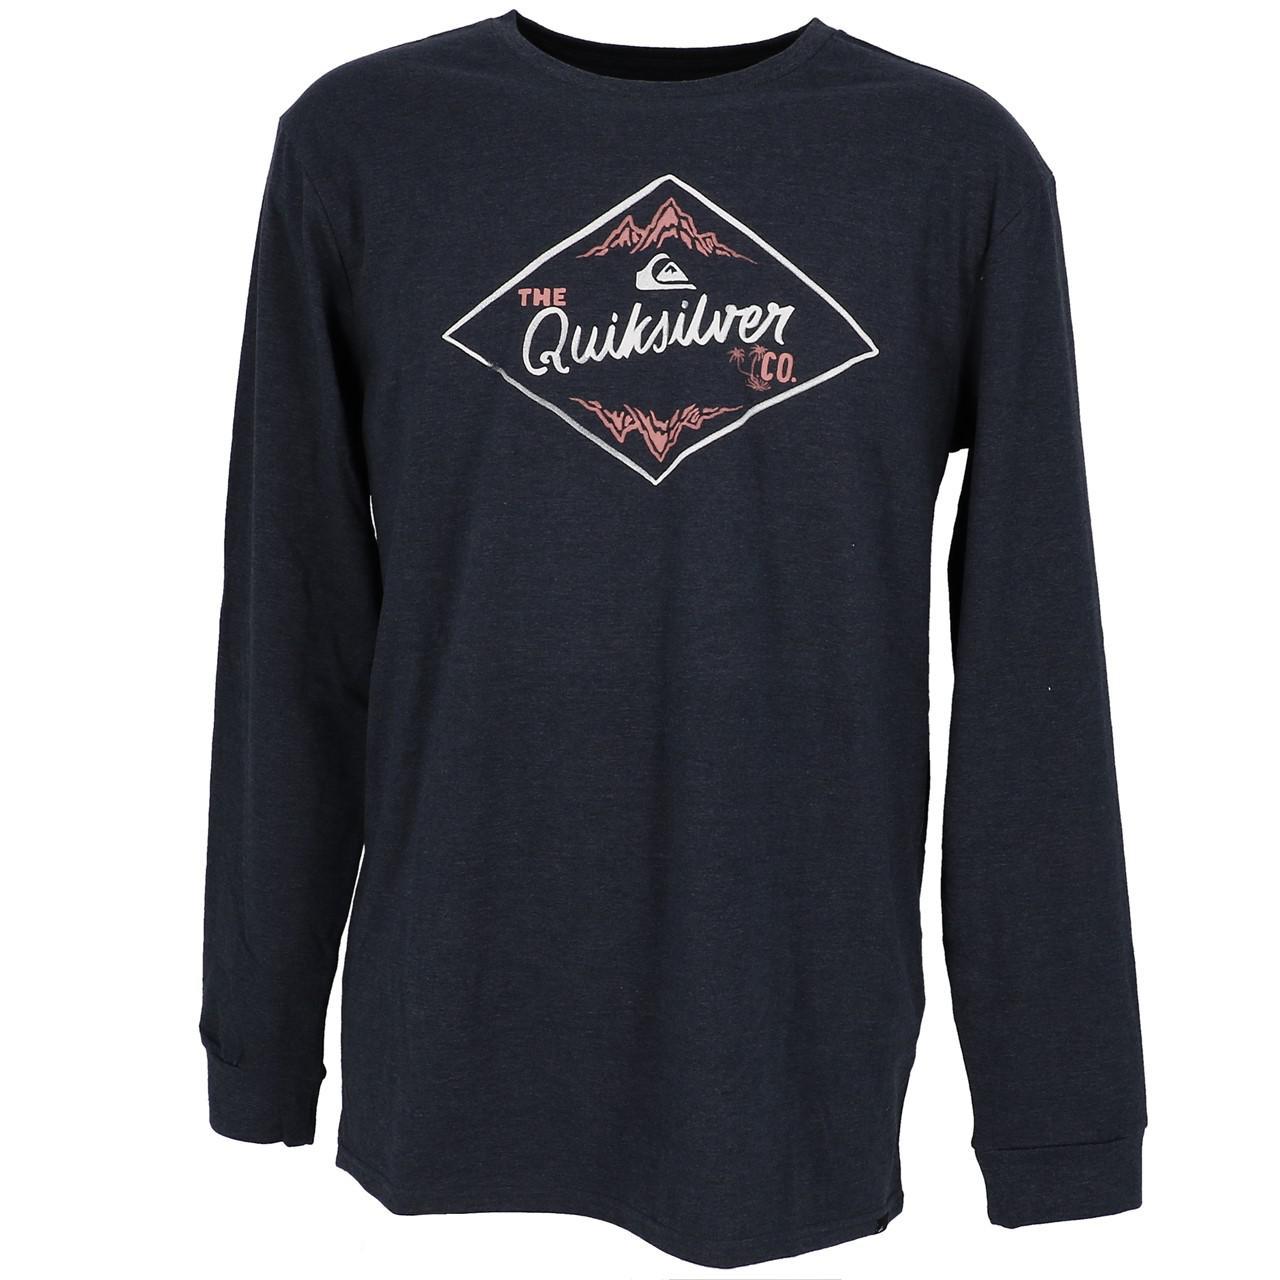 Tee-shirt-manches-longues-Quiksilver-California-wounds-nv-tee-Bleu-27852-Neuf